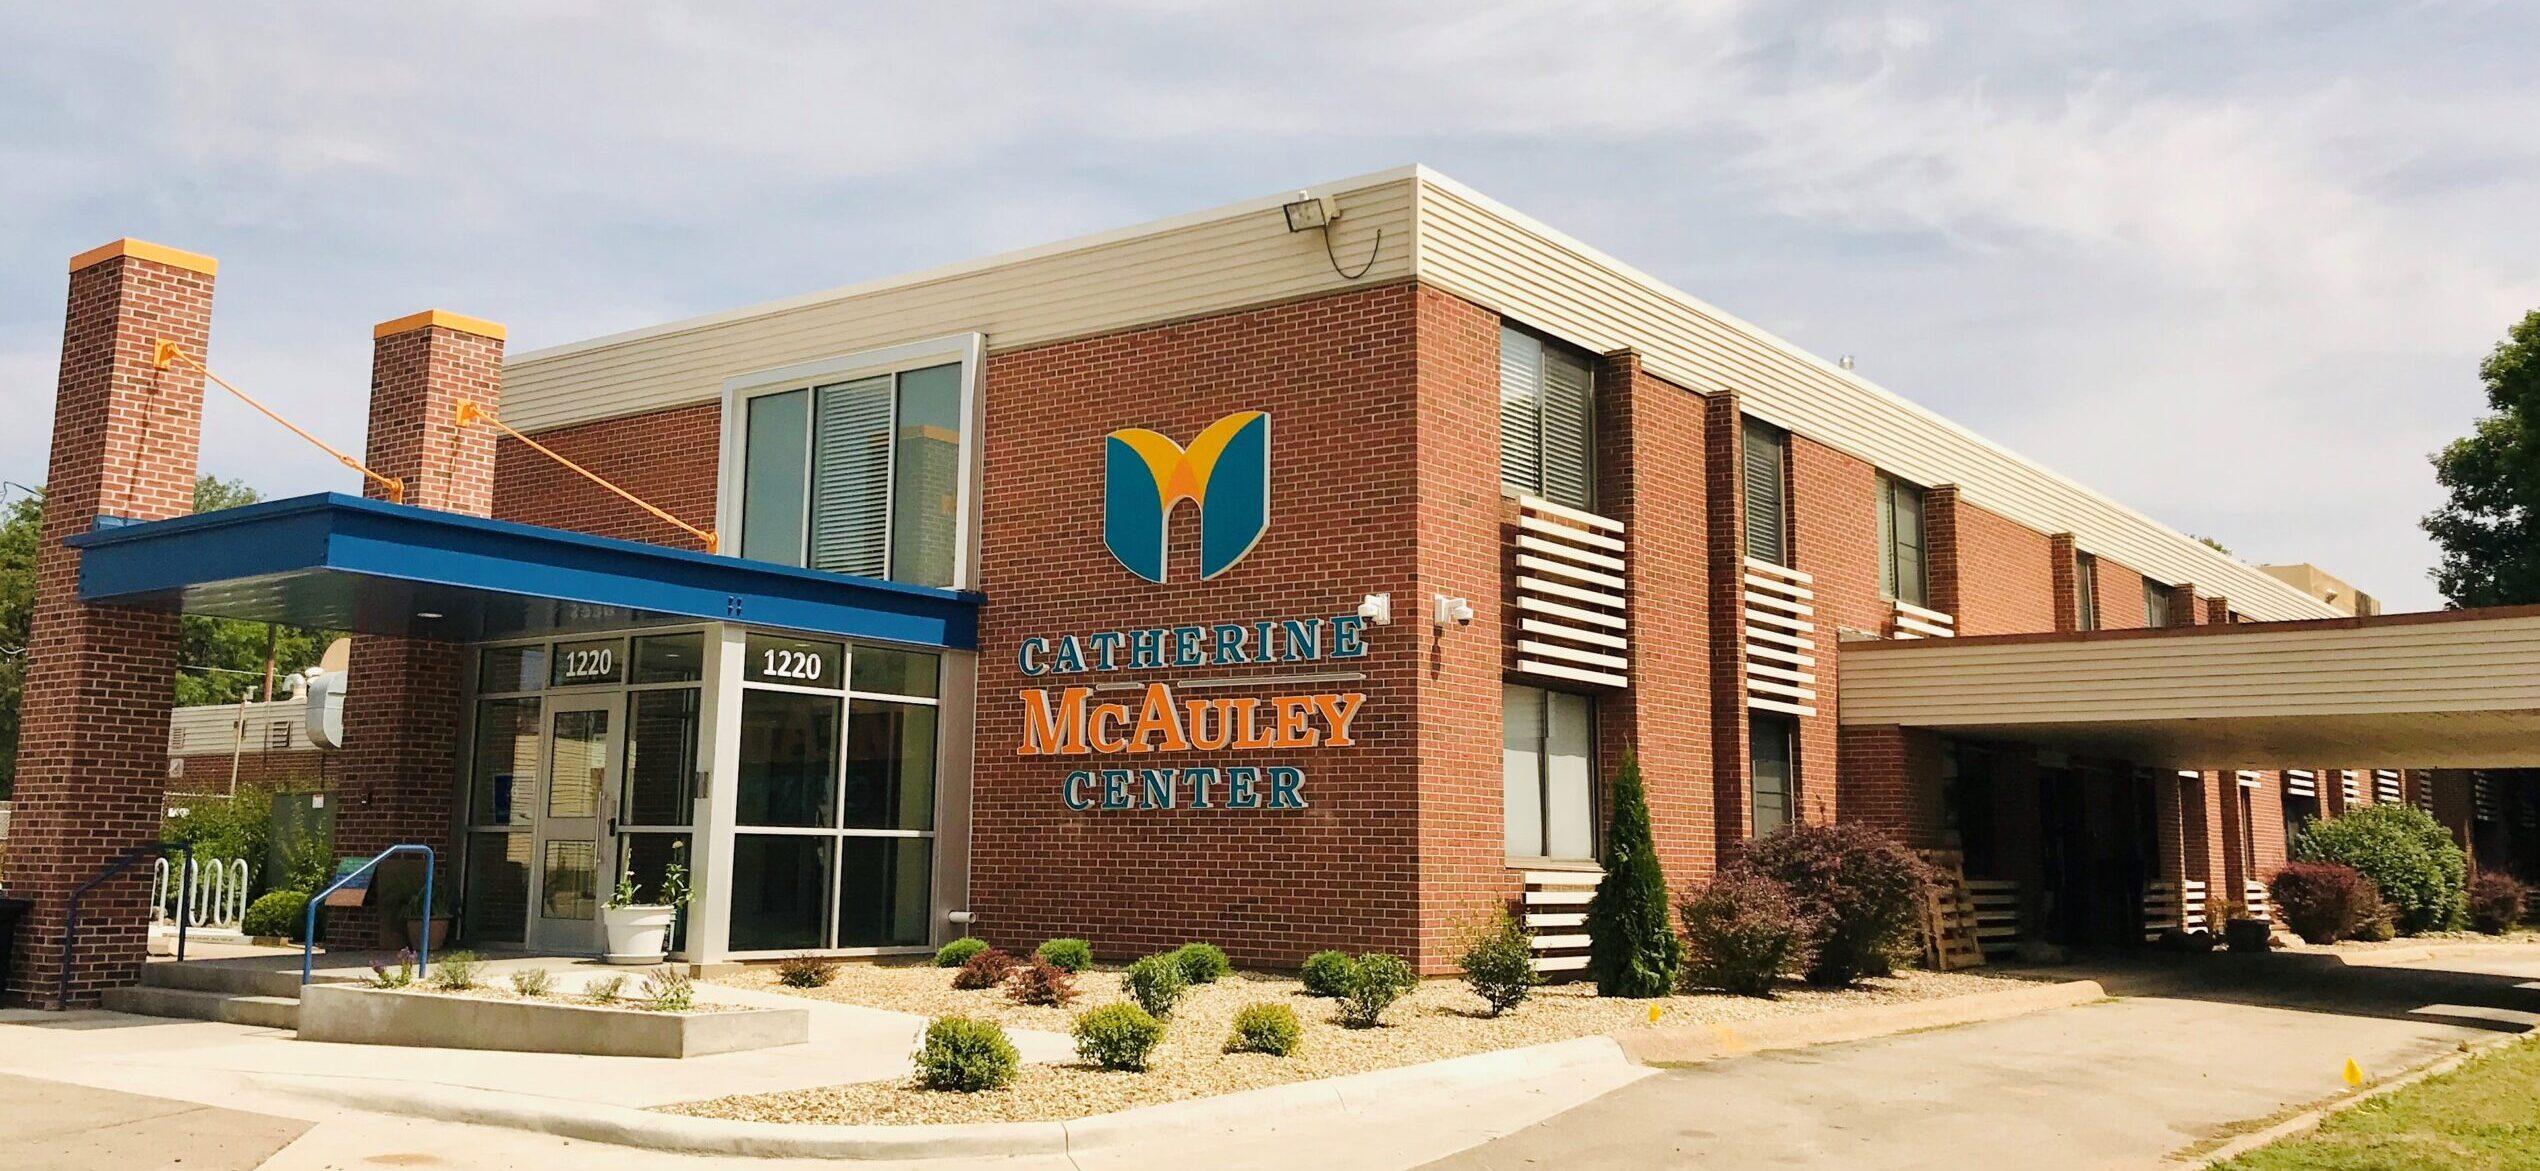 New CMC building at 1220 5th Avenue SE